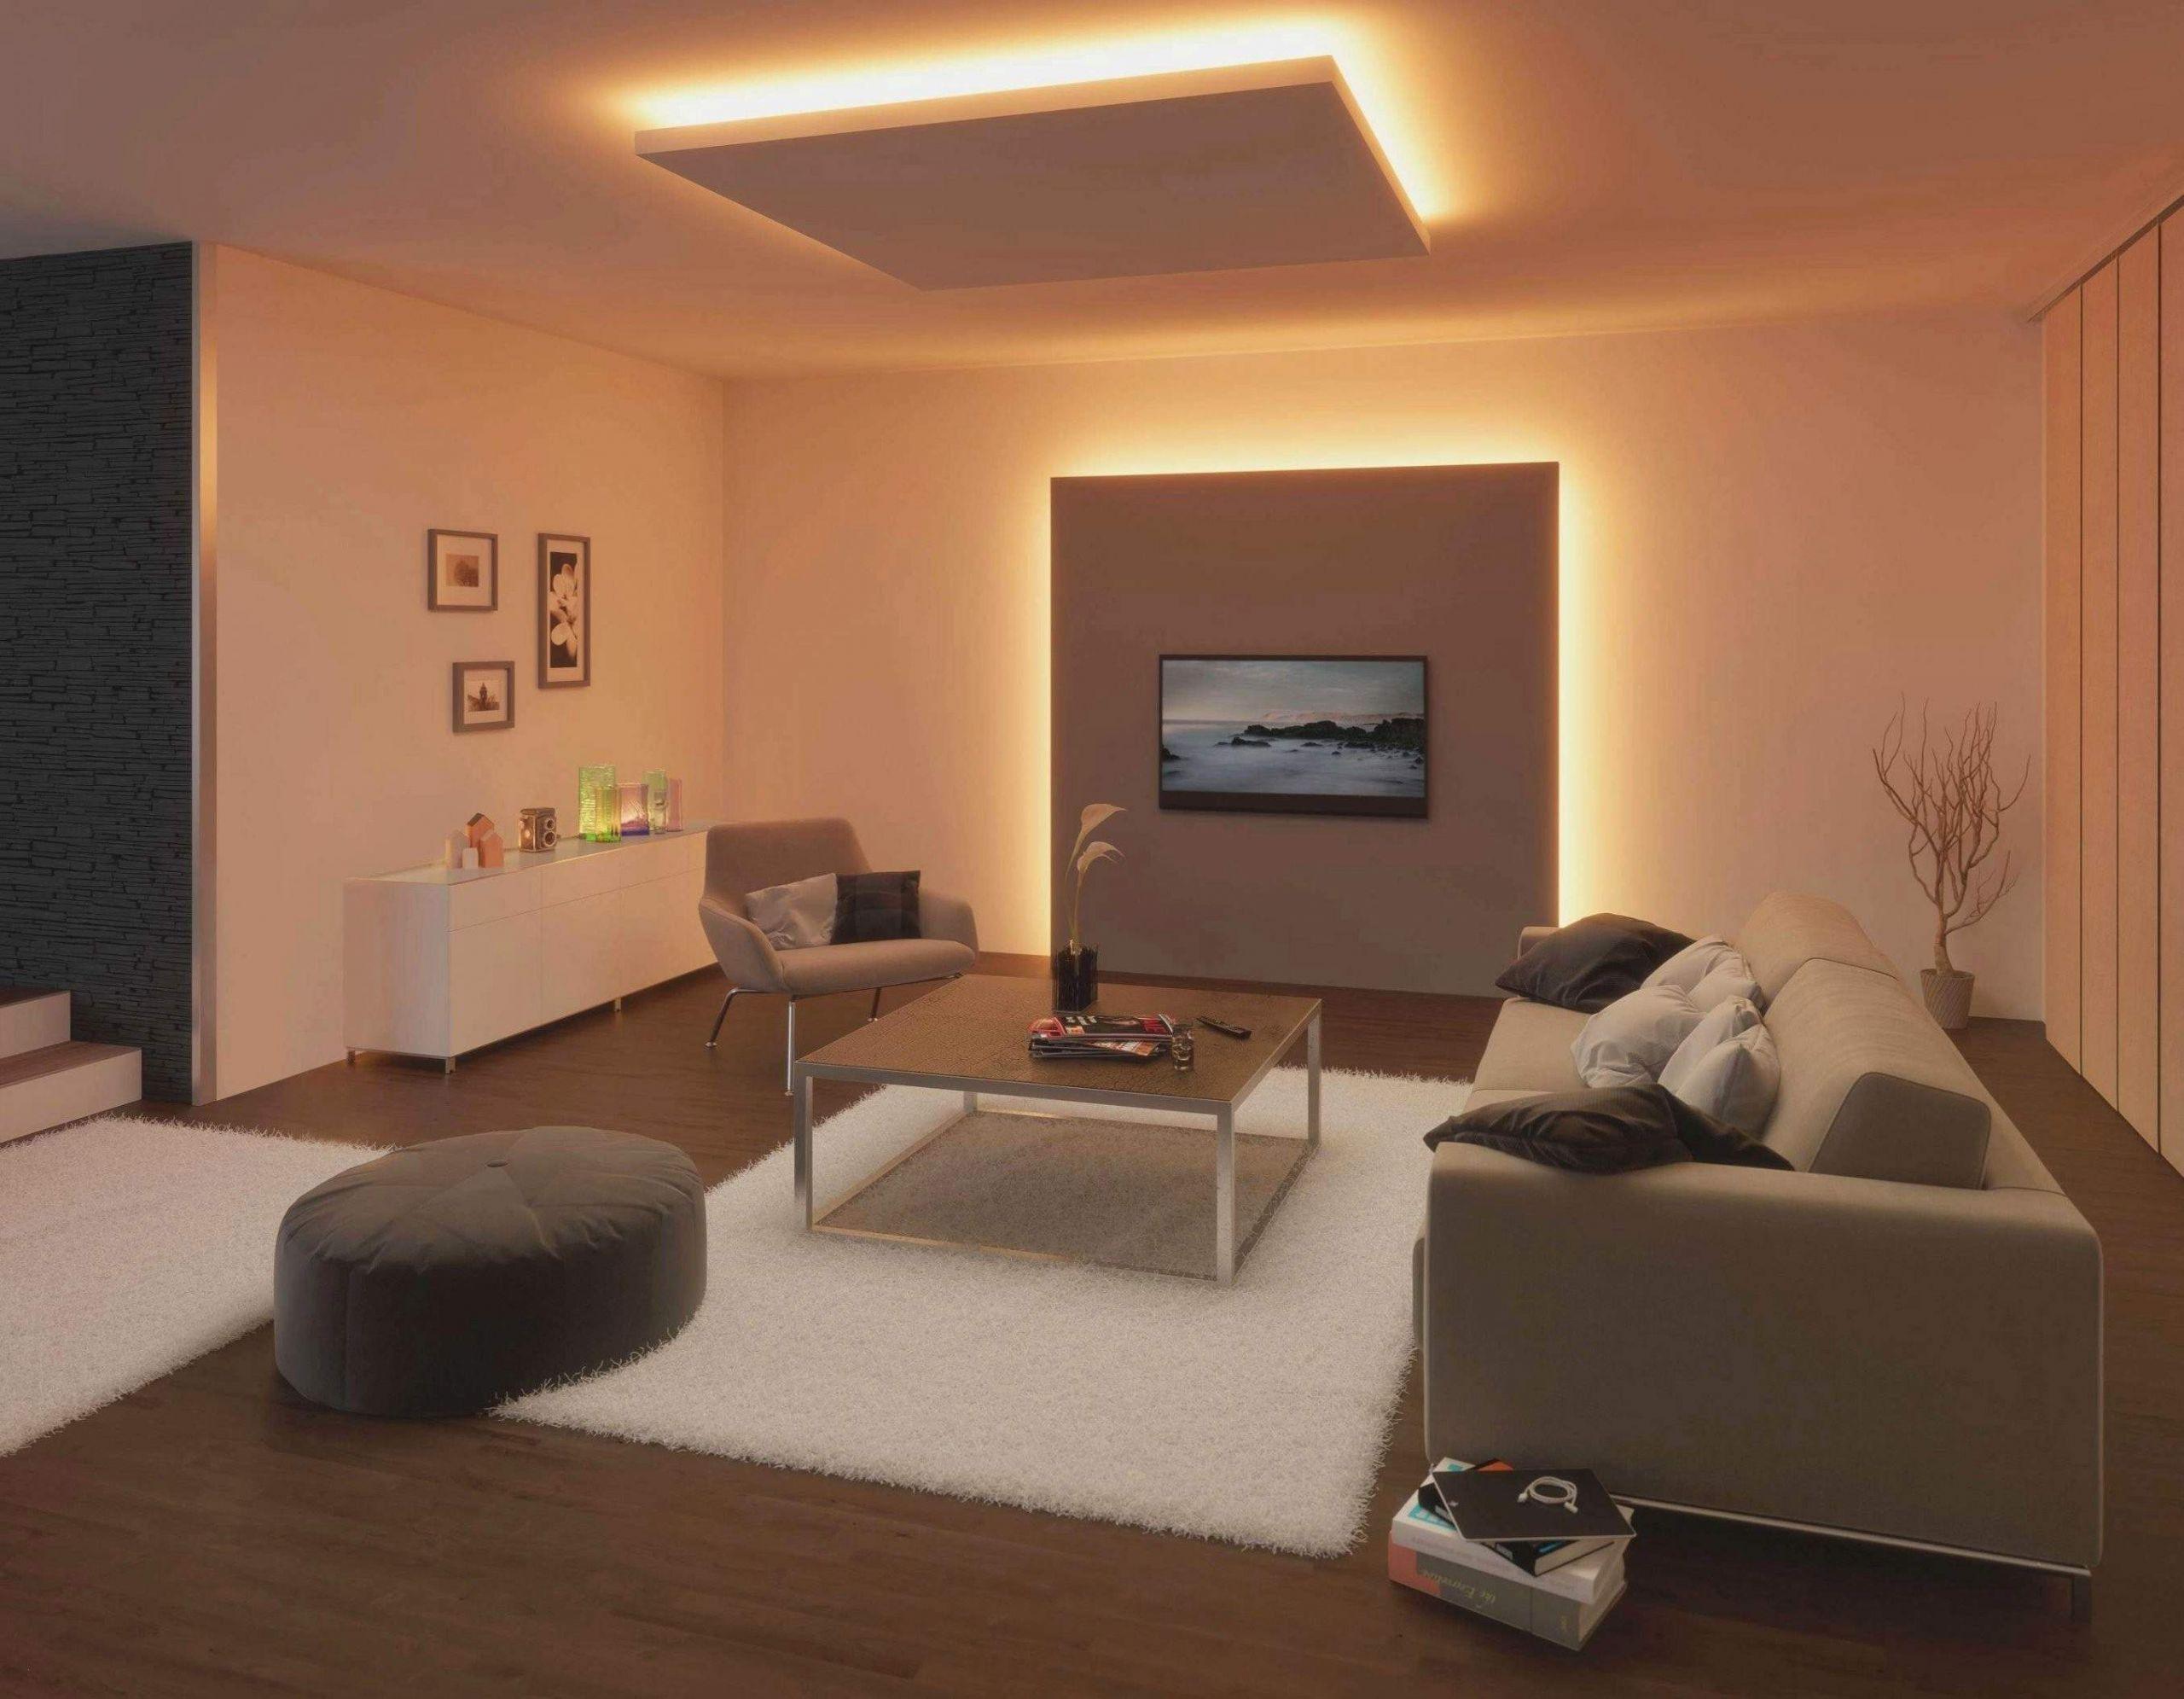 Full Size of Ikea Deckenlampen 38 Luxus Lampen Wohnzimmer Reizend Frisch Küche Kosten Modulküche Modern Sofa Mit Schlaffunktion Betten 160x200 Miniküche Für Bei Kaufen Wohnzimmer Ikea Deckenlampen